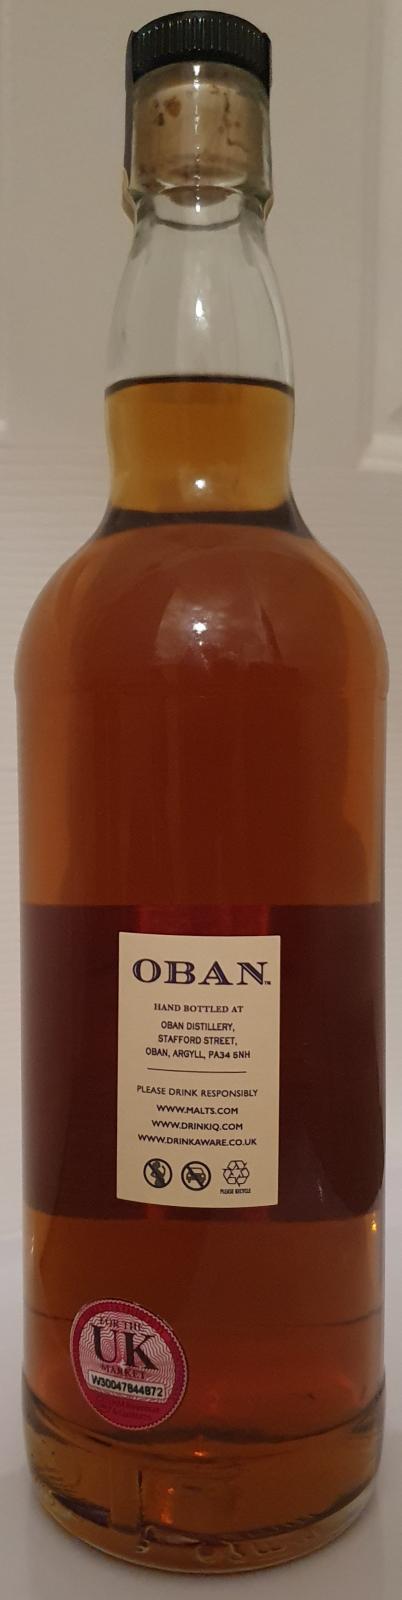 Oban 2009 Hand Bottled